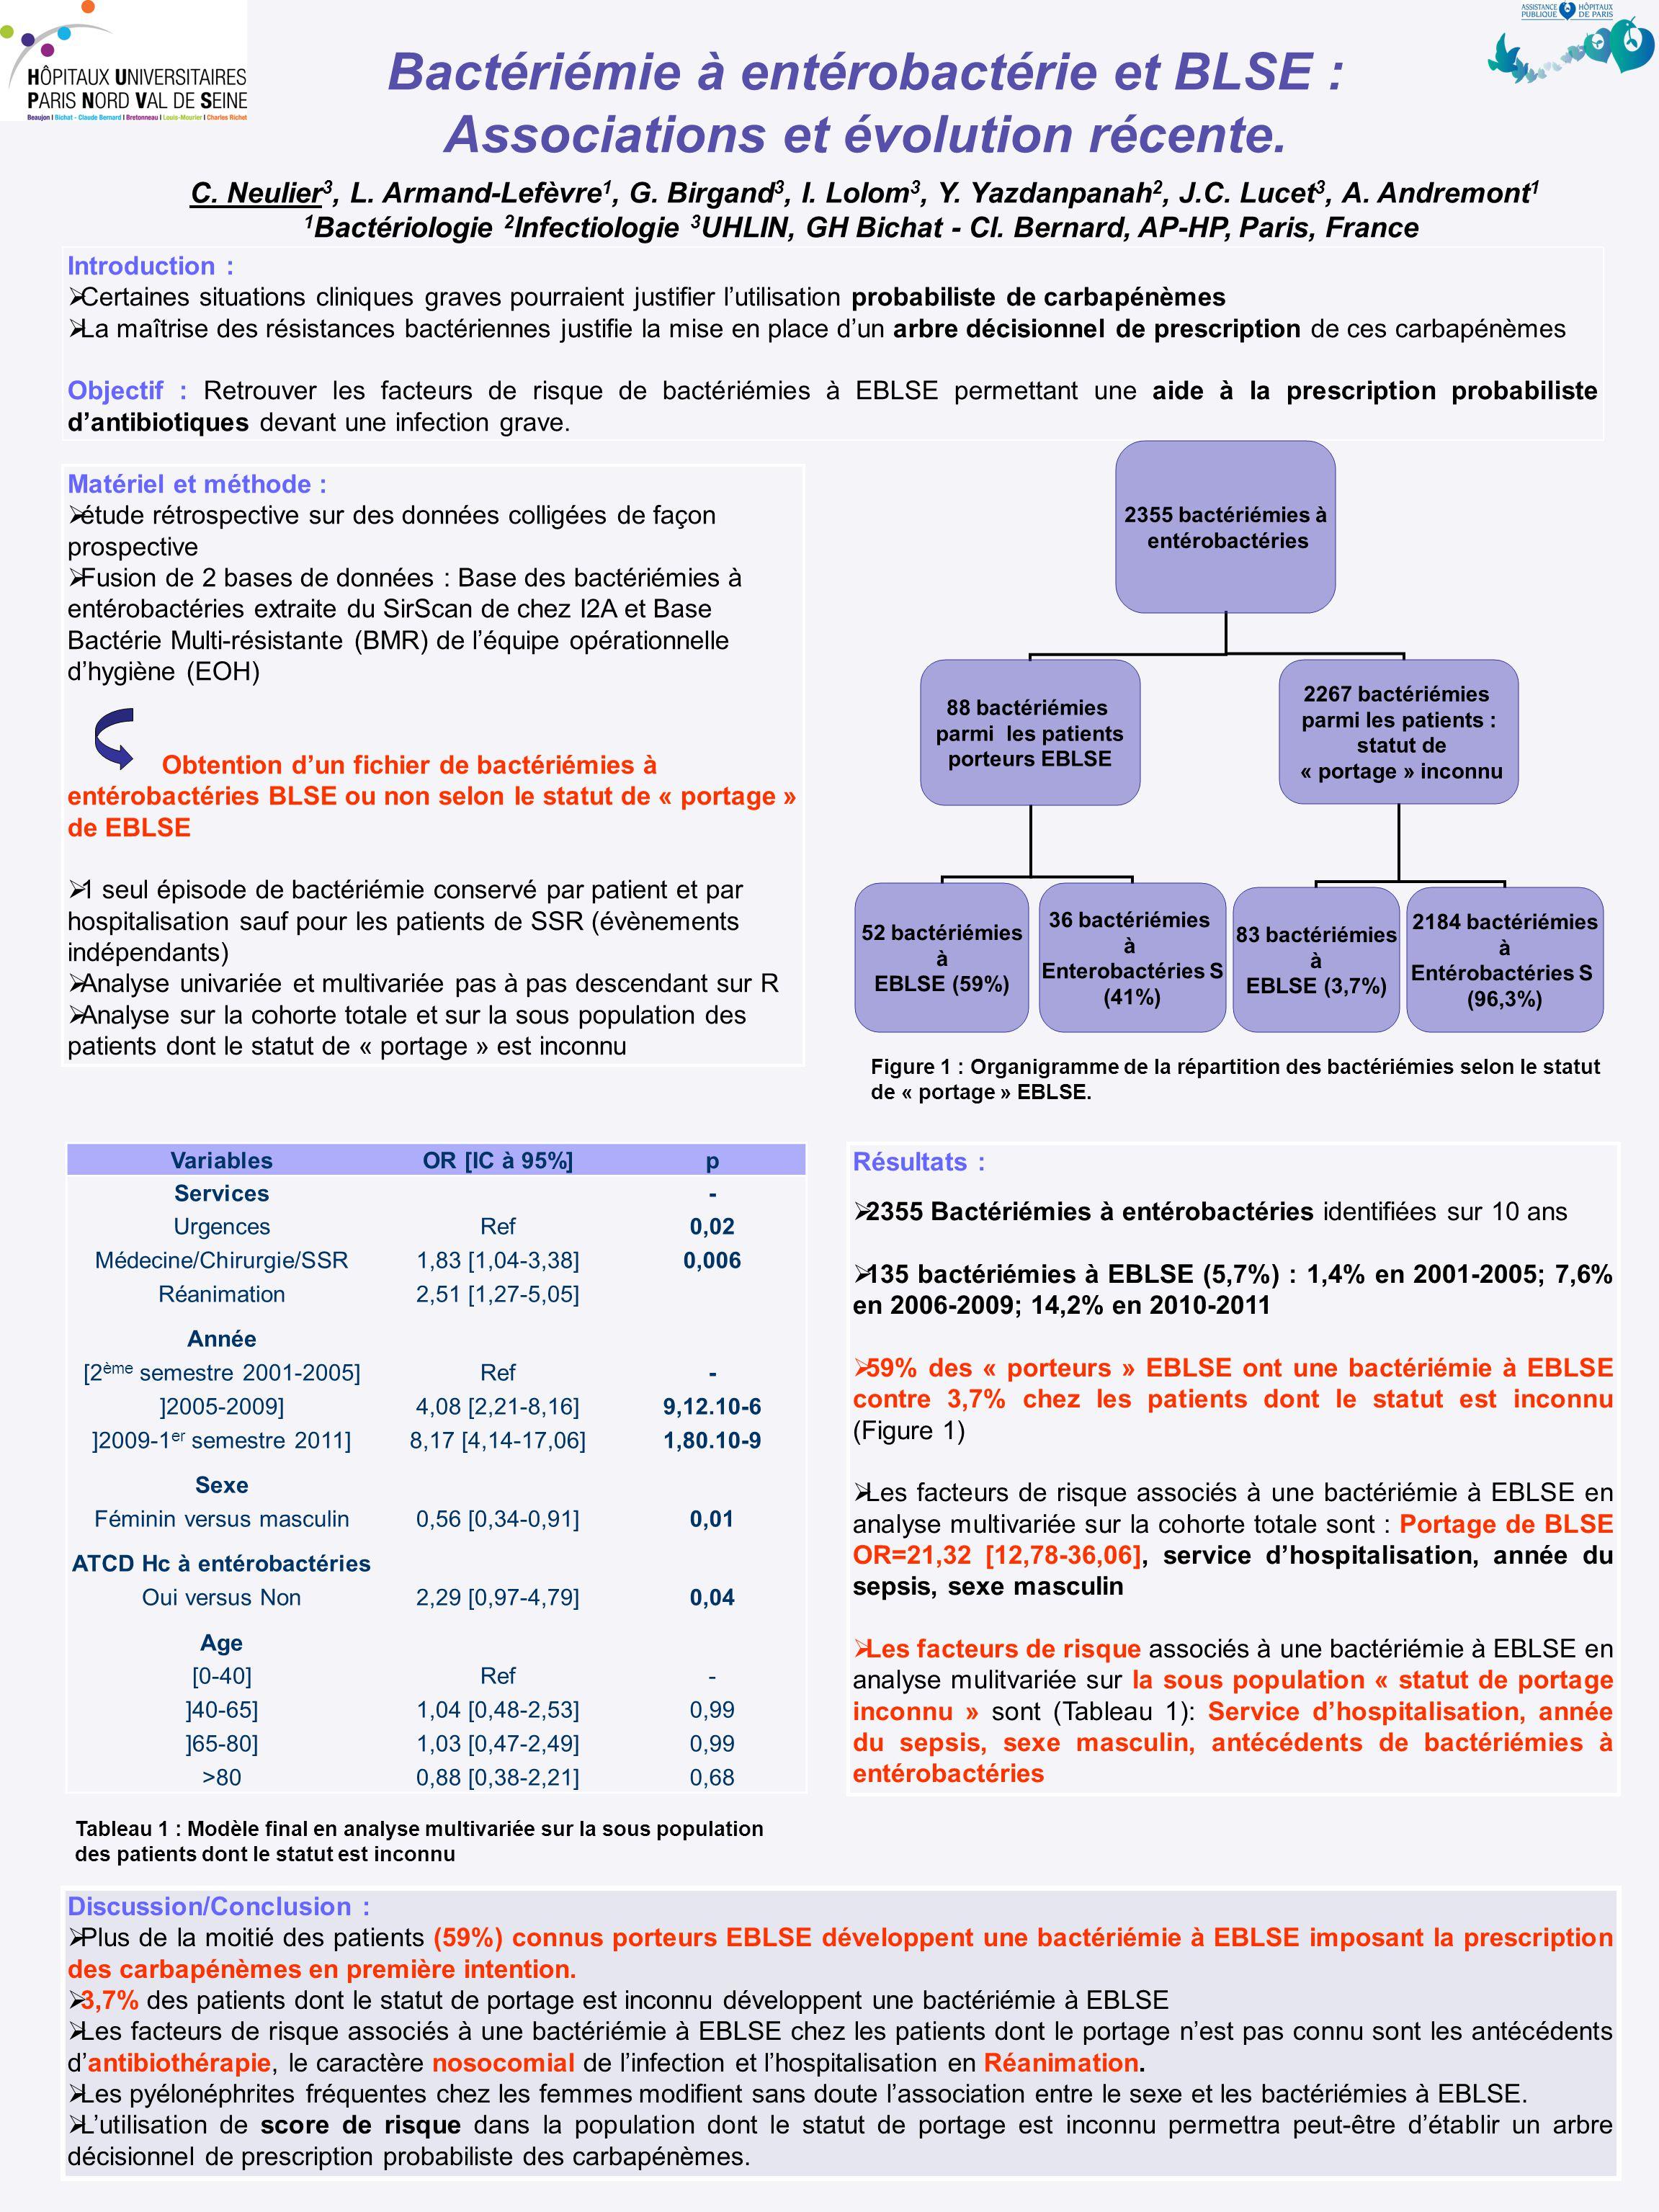 Résultats :  2355 Bactériémies à entérobactéries identifiées sur 10 ans  135 bactériémies à EBLSE (5,7%) : 1,4% en 2001-2005; 7,6% en 2006-2009; 14,